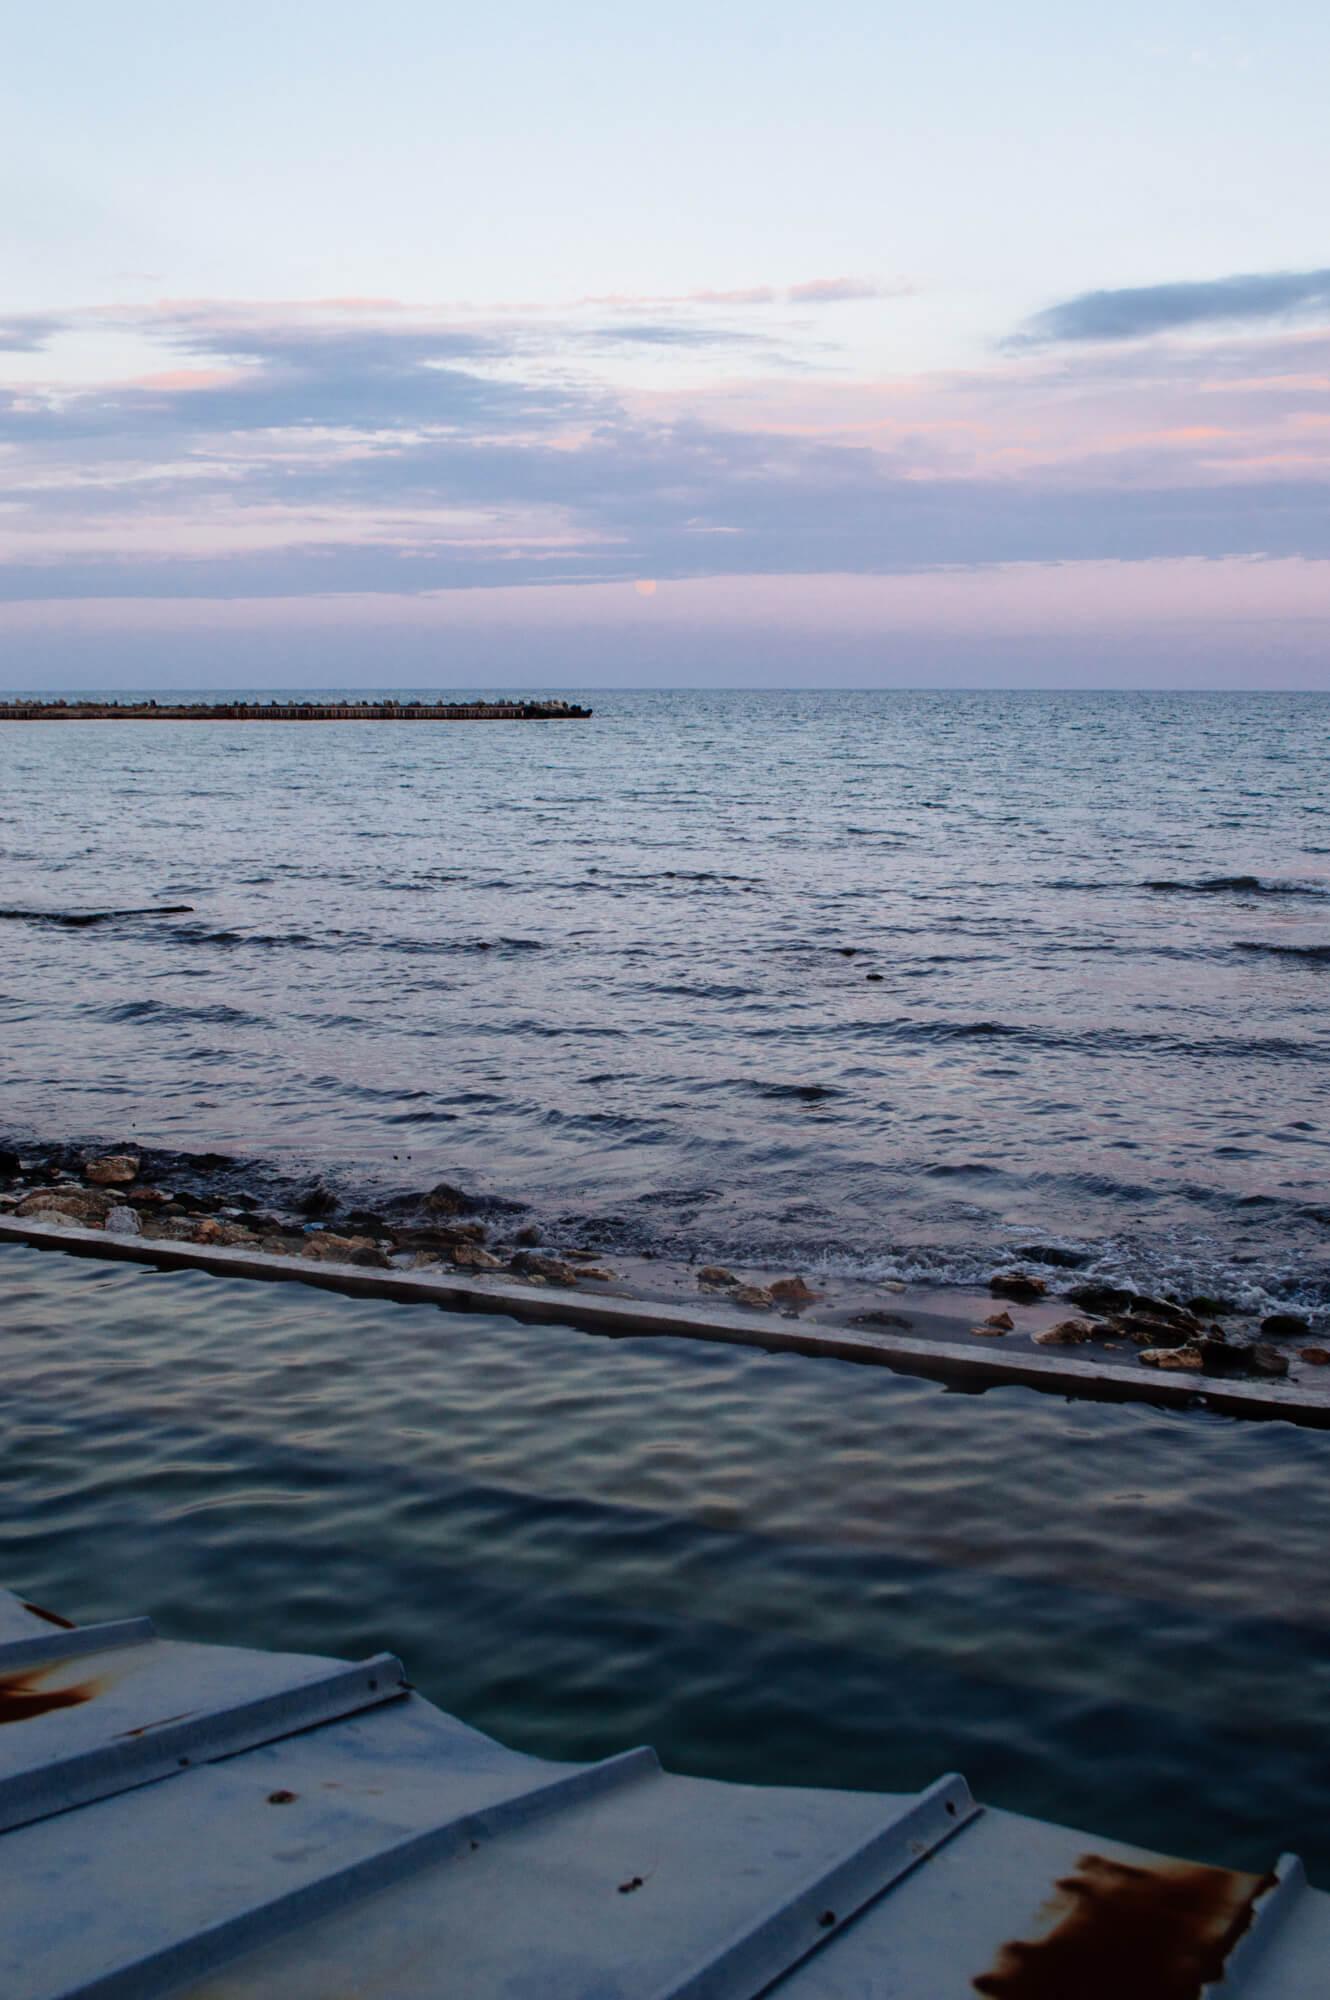 Sunset at Toplata voda in Varna